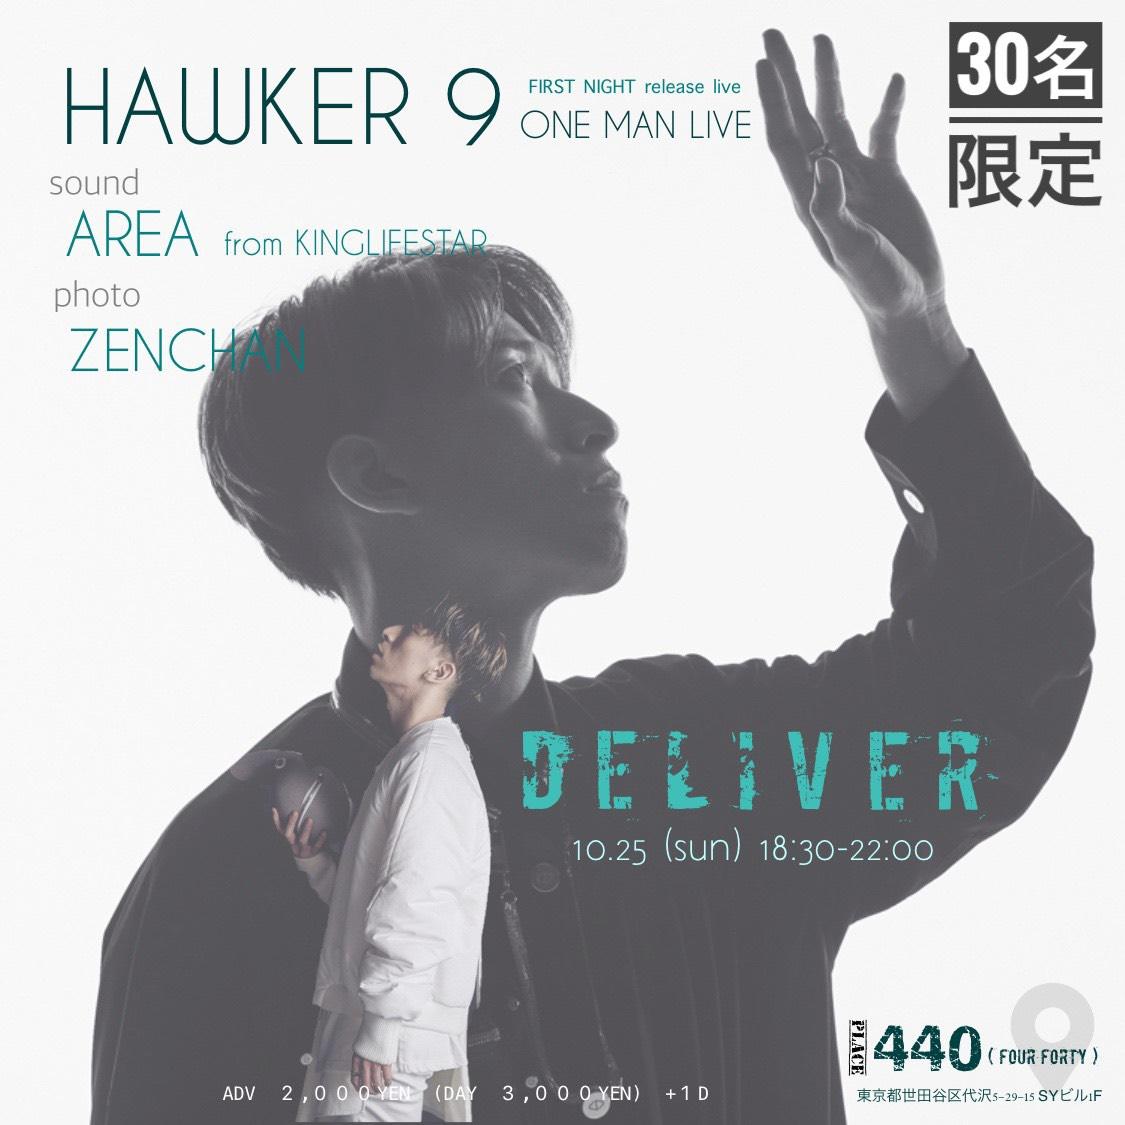 """【有観客 】""""  DELIVER  """"  出演: HAWKER 9 / AREA from KINGLIFESTAR"""